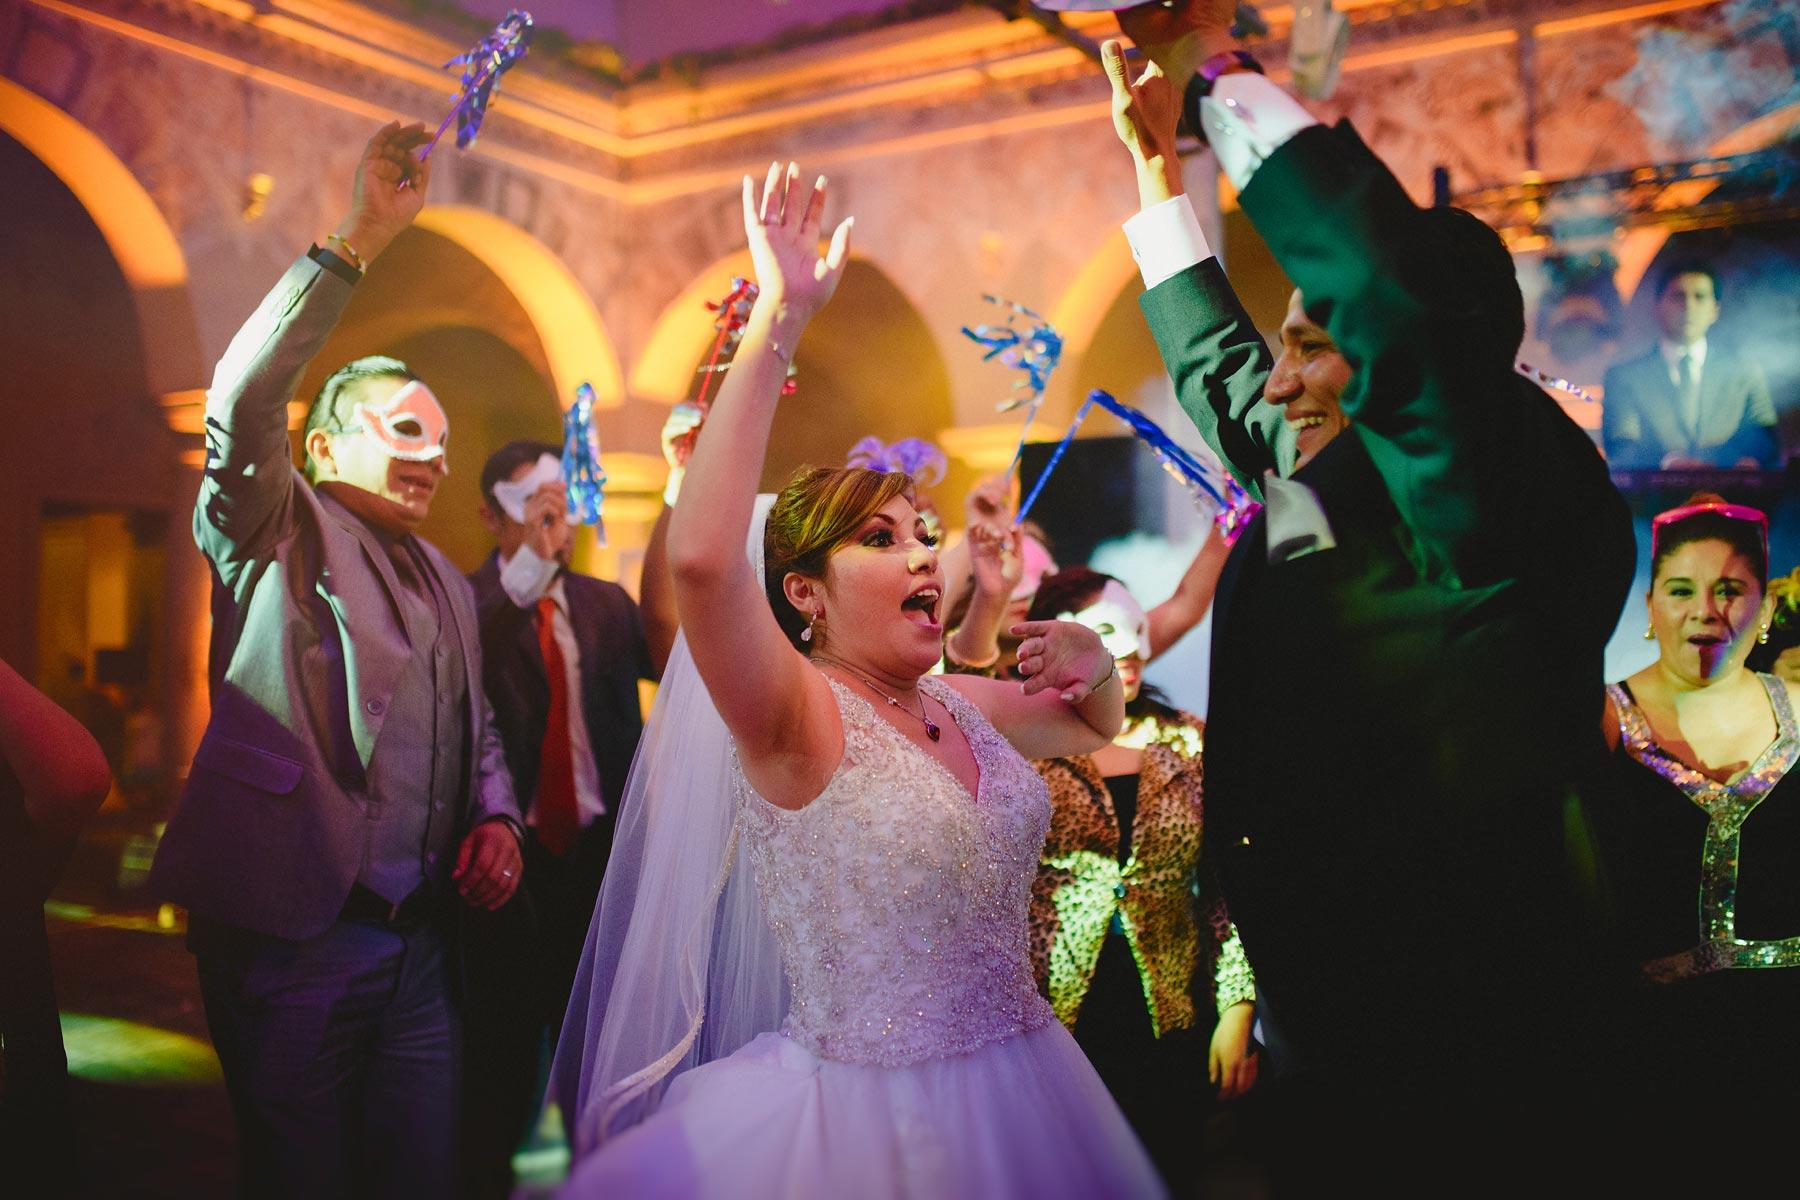 fotografo-bodas-quinta-real-puebla-19